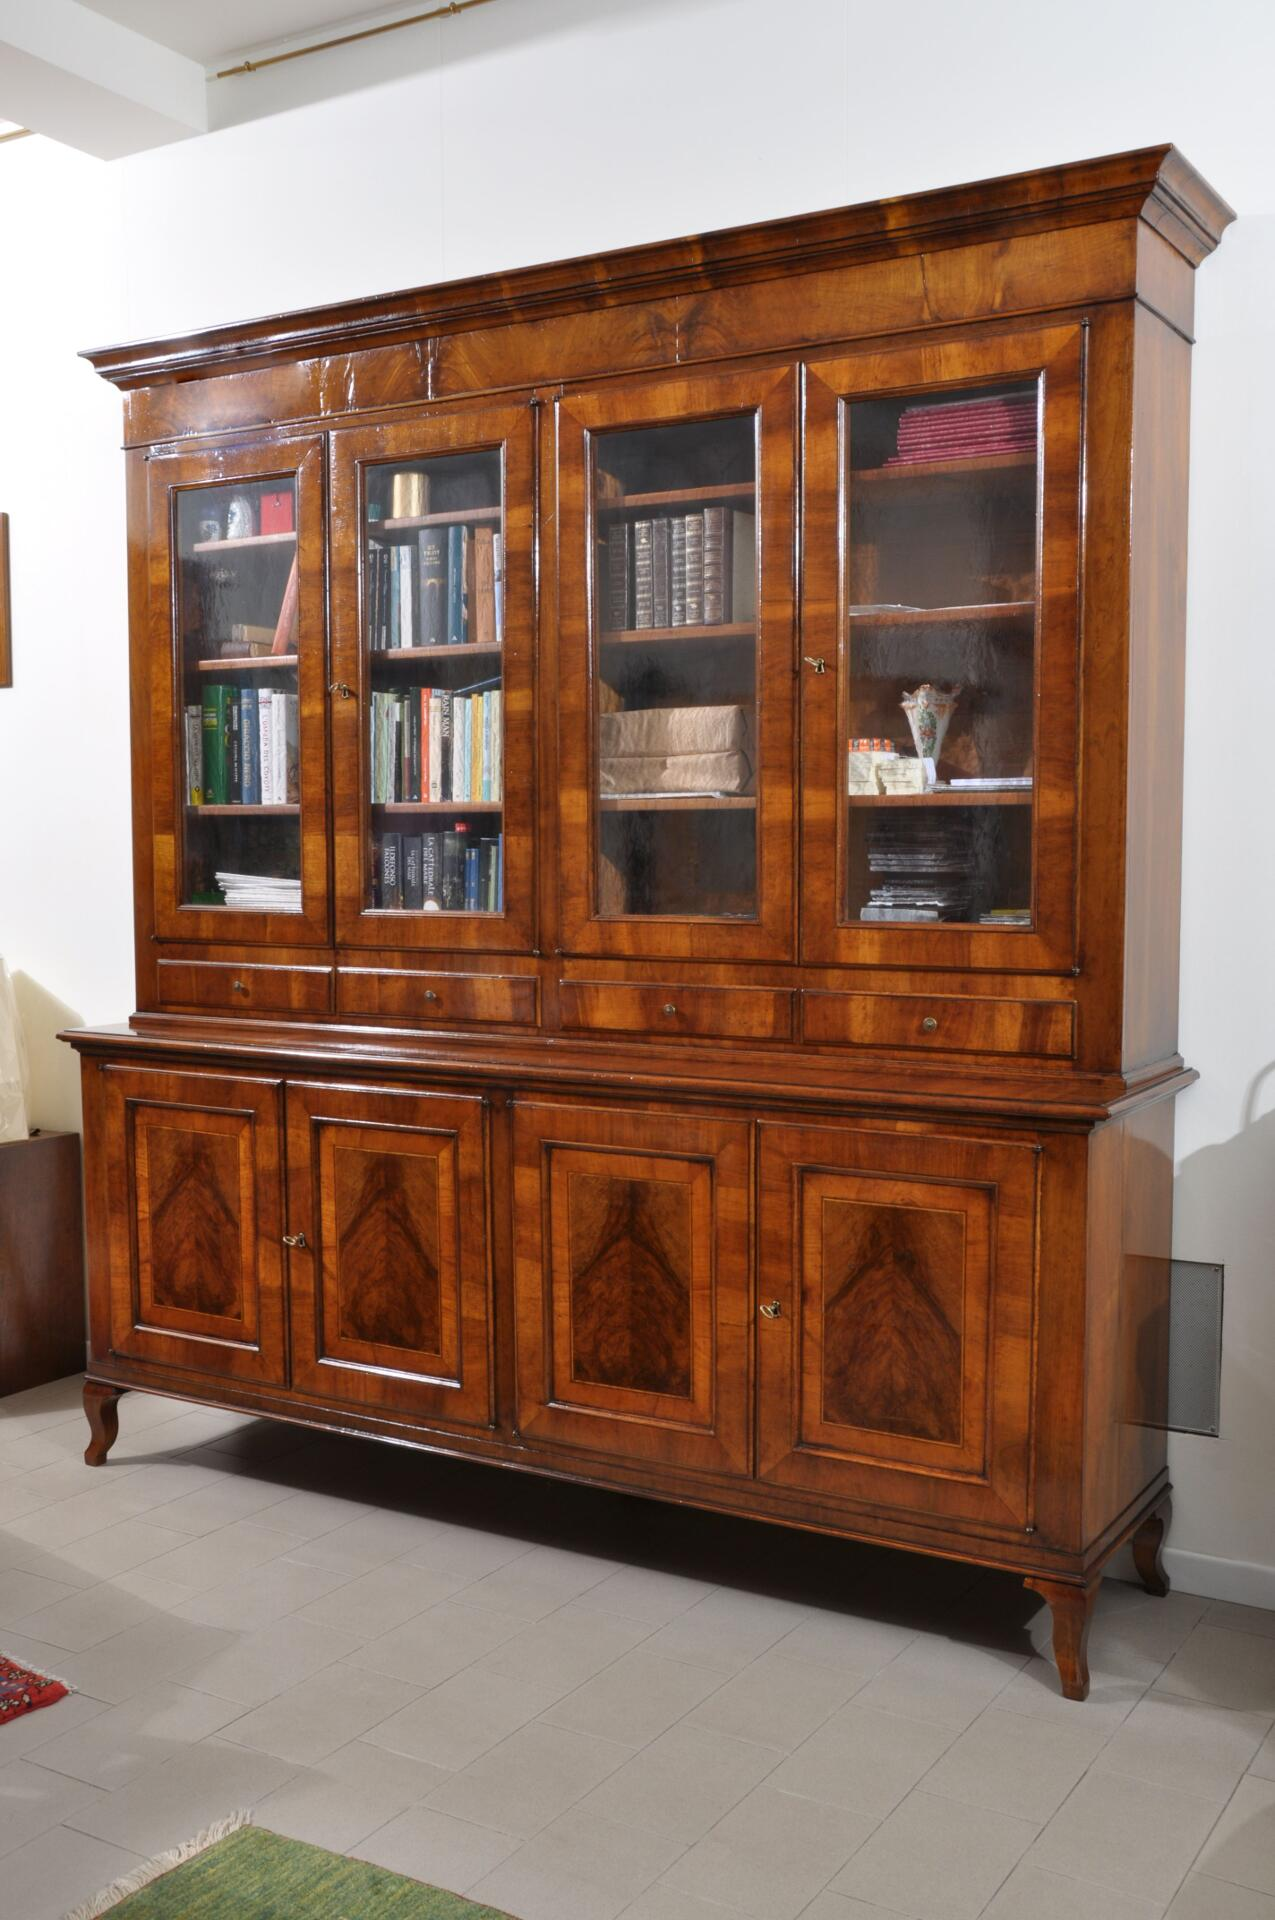 Imponente libreria intarsiata di lusso in stile asolano veneto mobili vangelista - Fabbriche di mobili in veneto ...